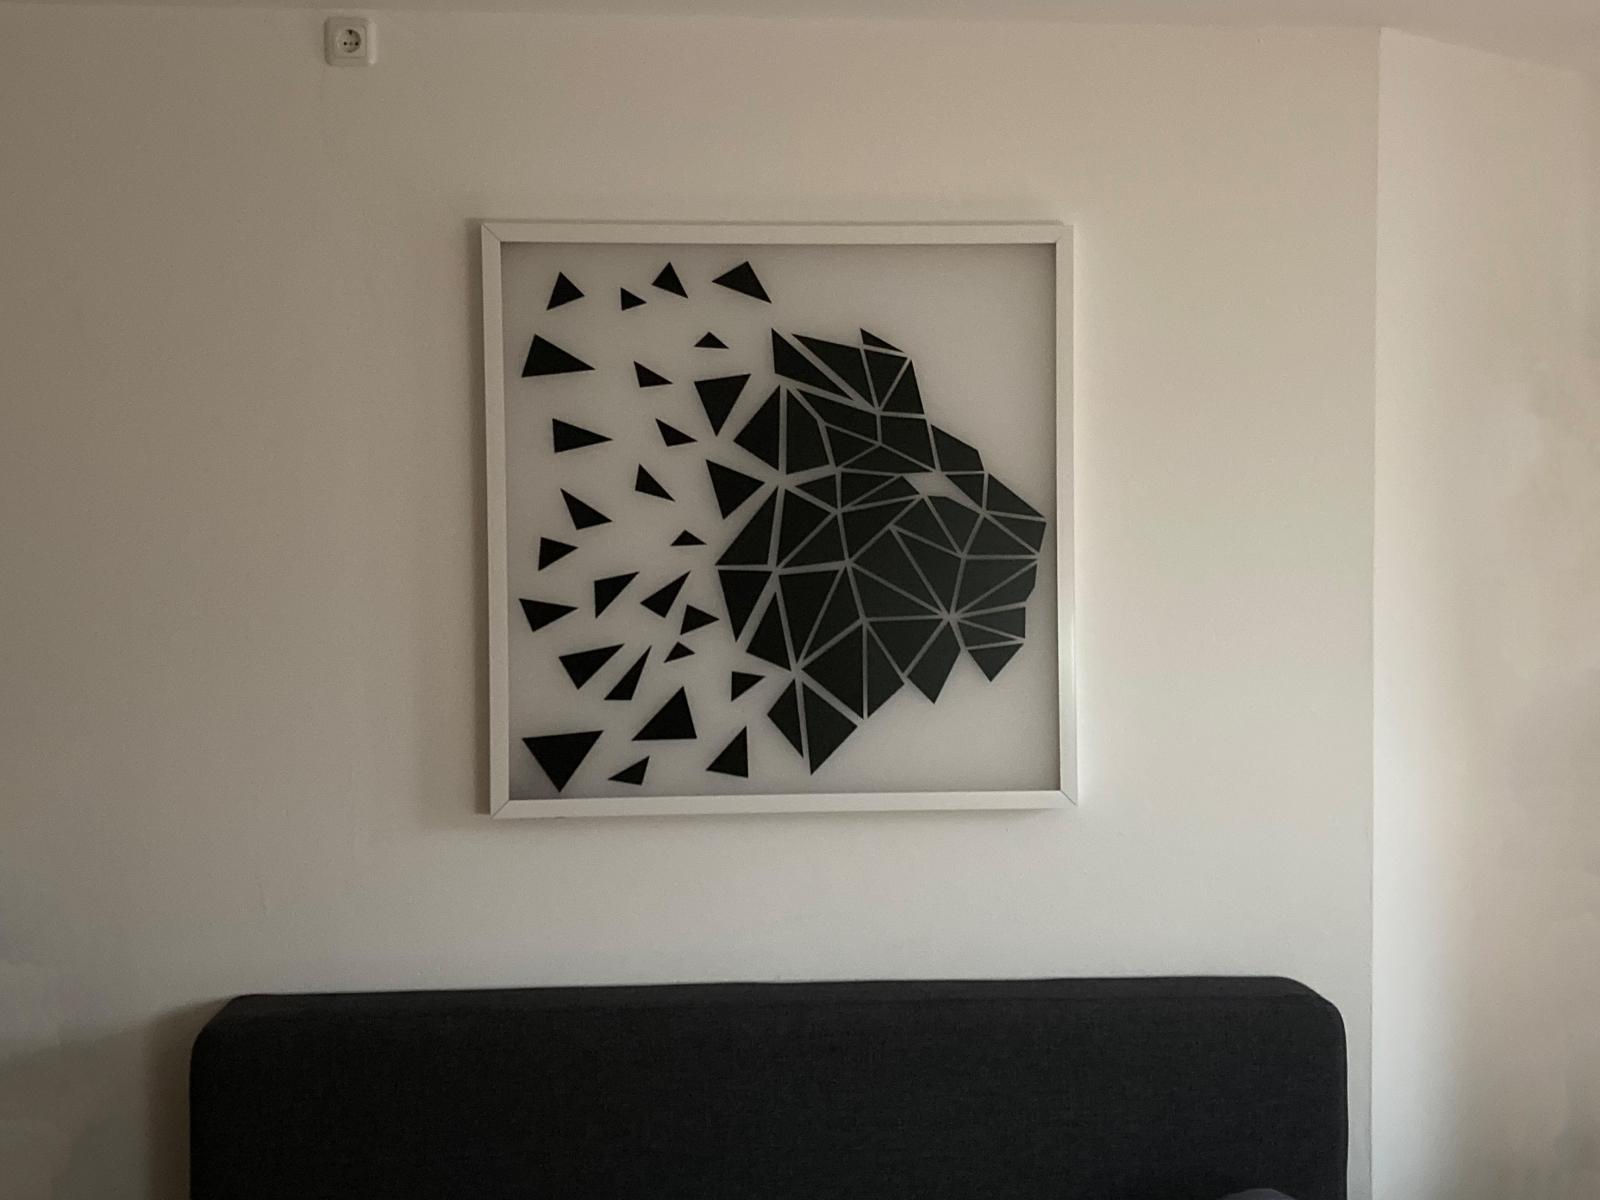 Und an der Wand